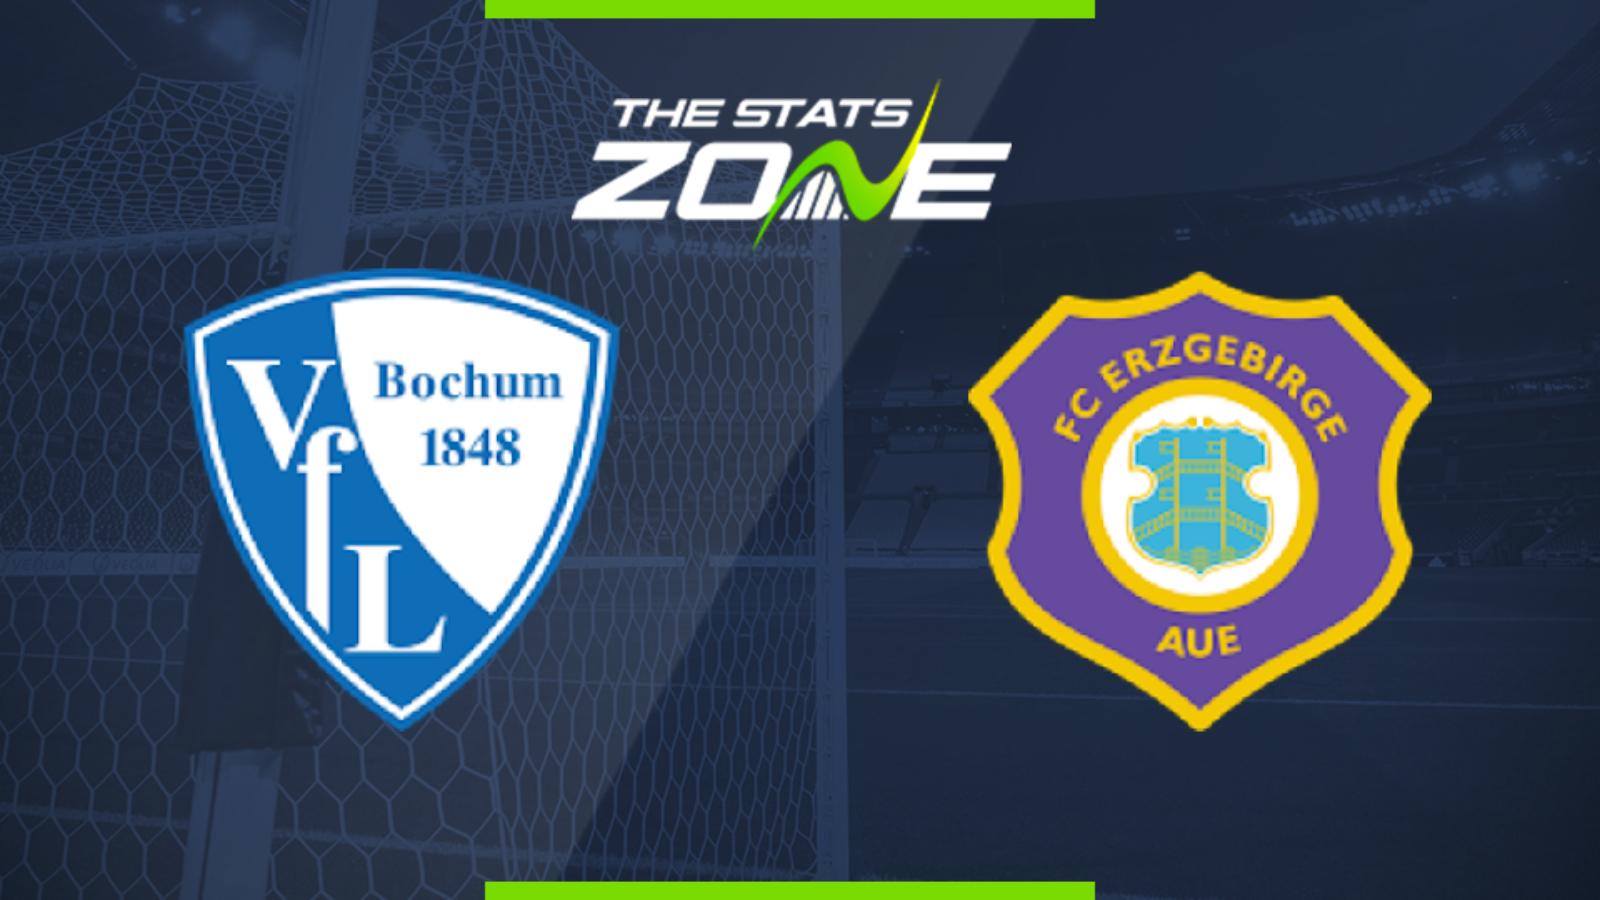 2019 20 Bundesliga 2 Bochum Vs Erzgebirge Aue Preview